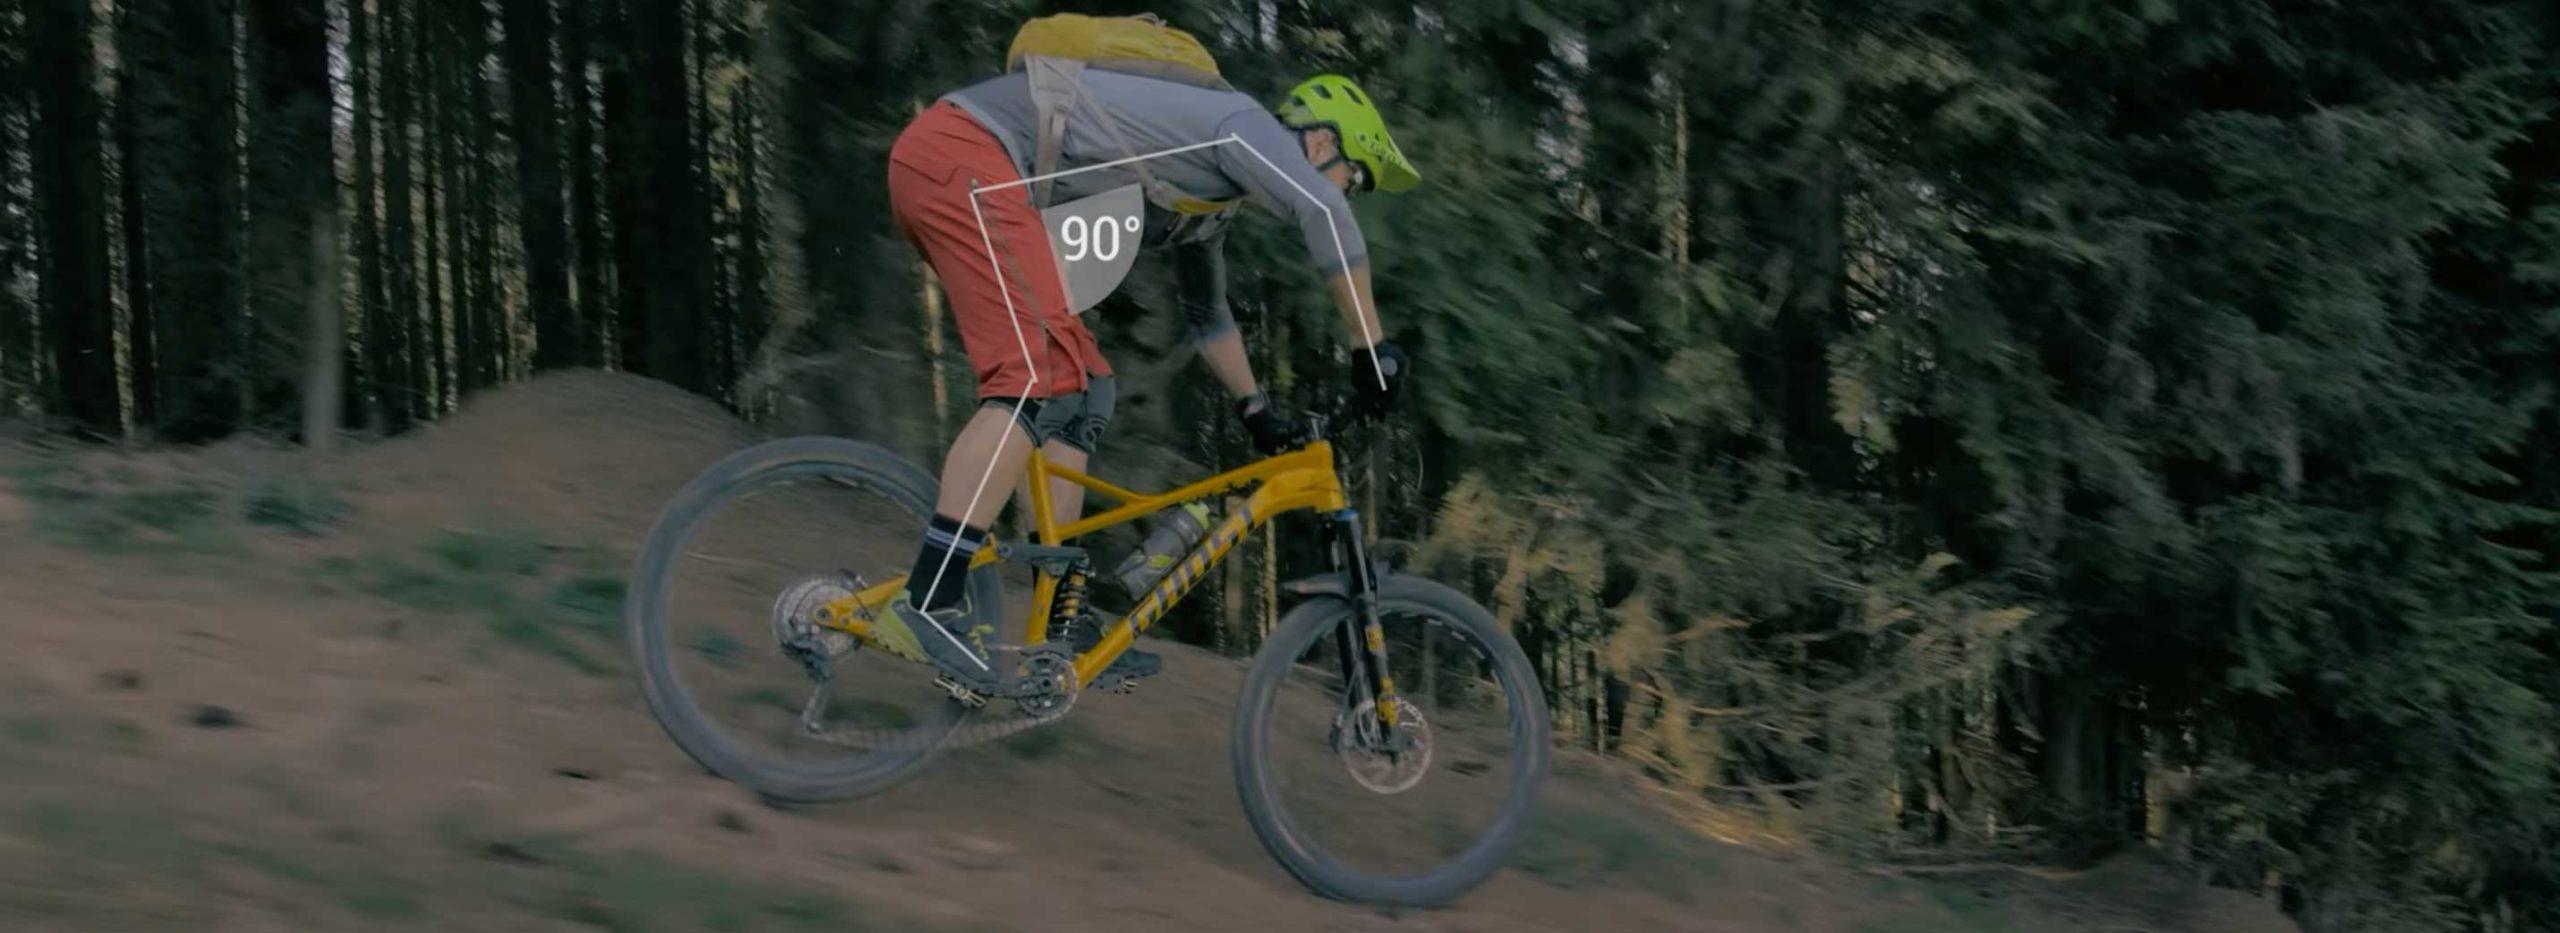 Mountainbike Grundverhalten